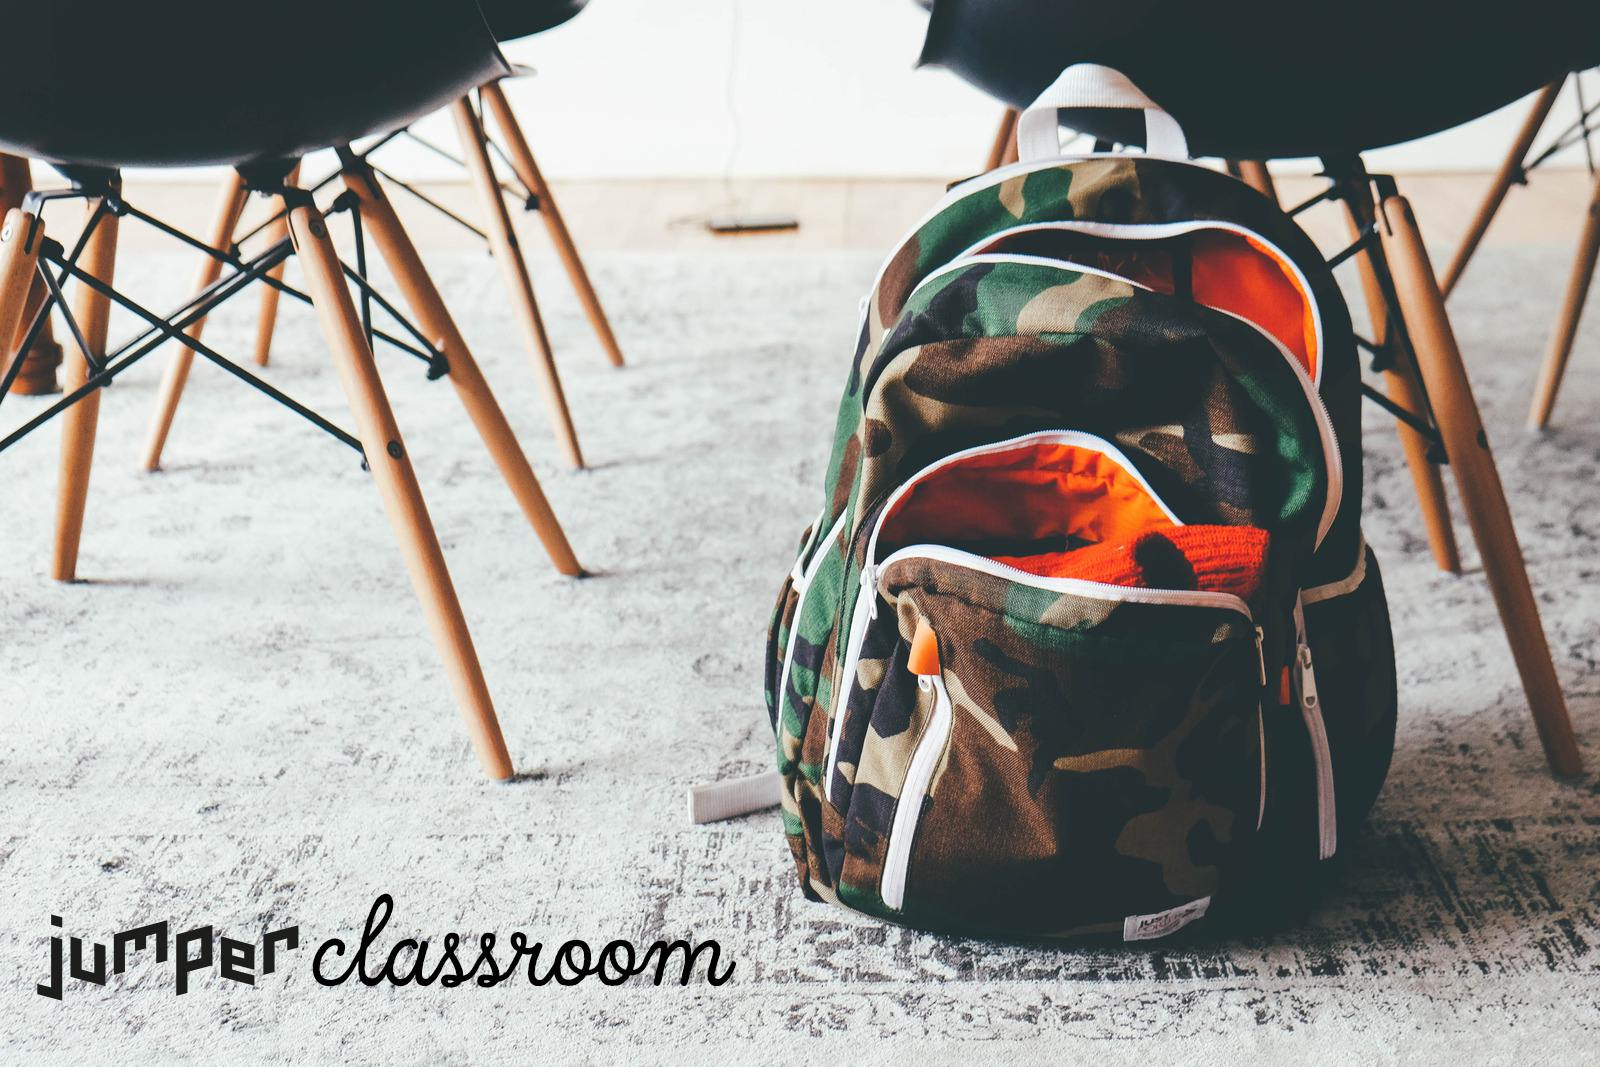 Jumper Classroom